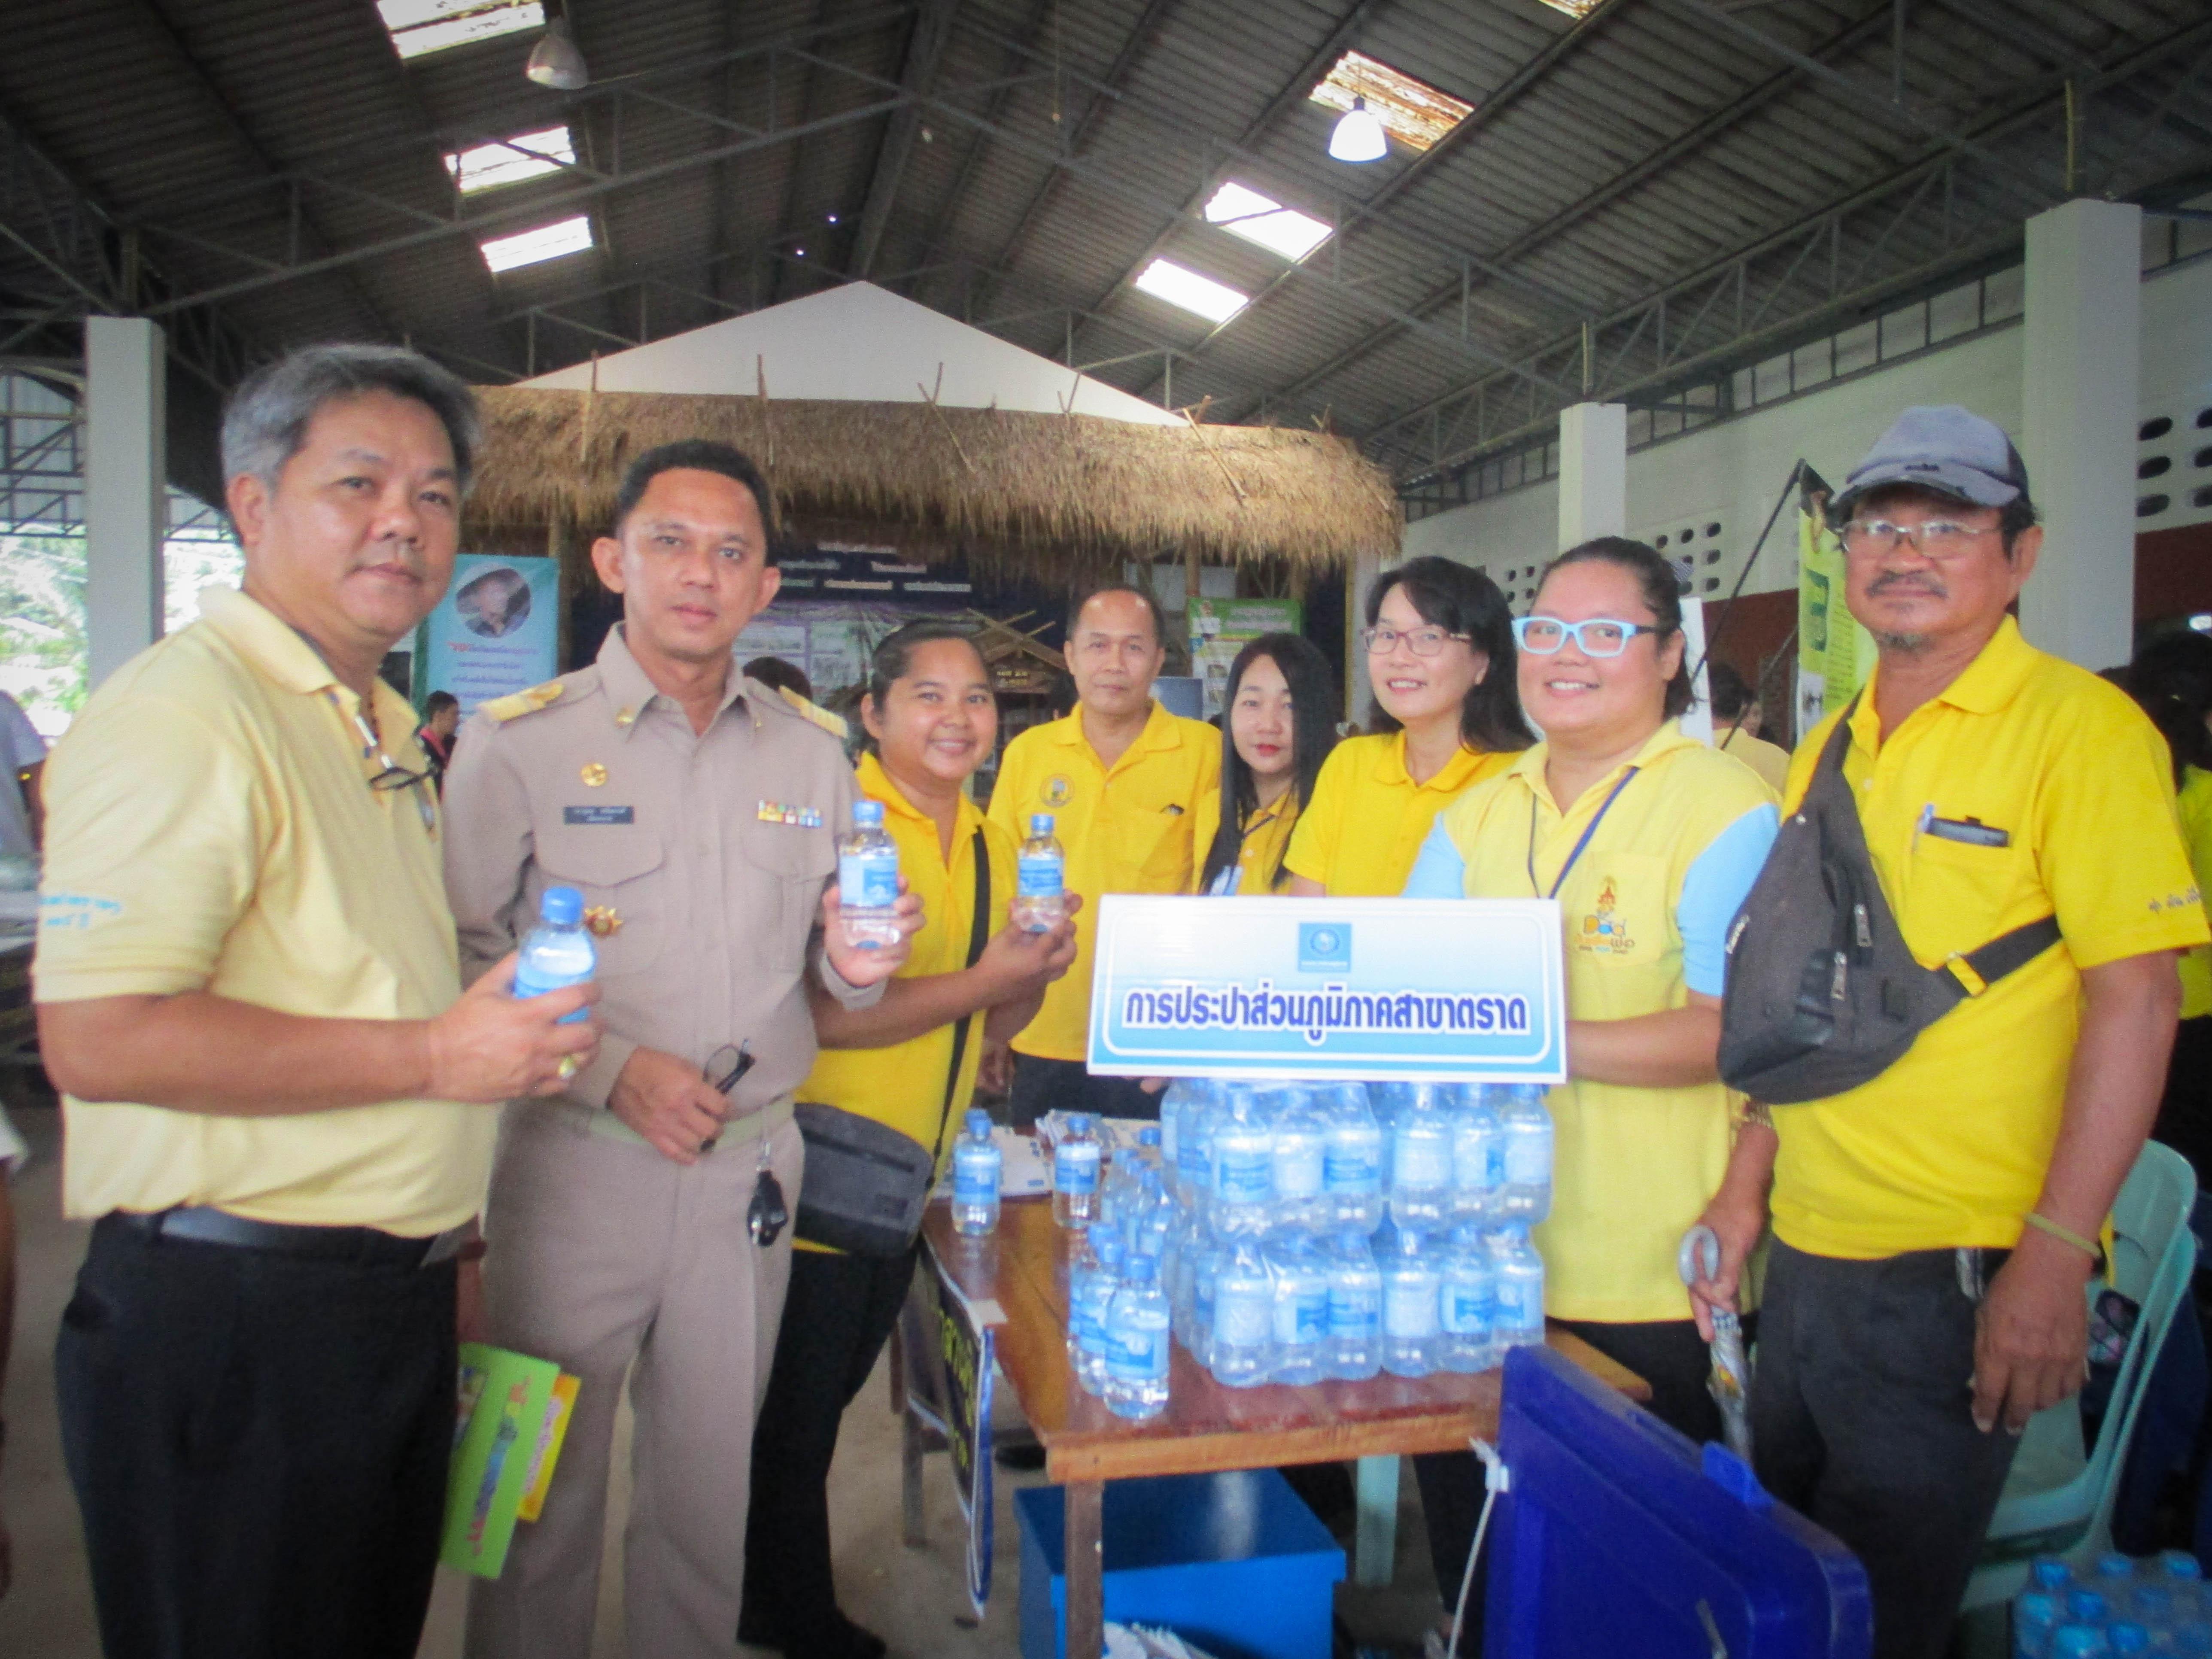 กปภ.สาขาตราดร่วมออกหน่วยบริการโครงการบำบัดทุกข์ บำรุงสุข สร้างรอยยิ้มให้ประชาชน ประจำเดือน กรกฎาคม 2561